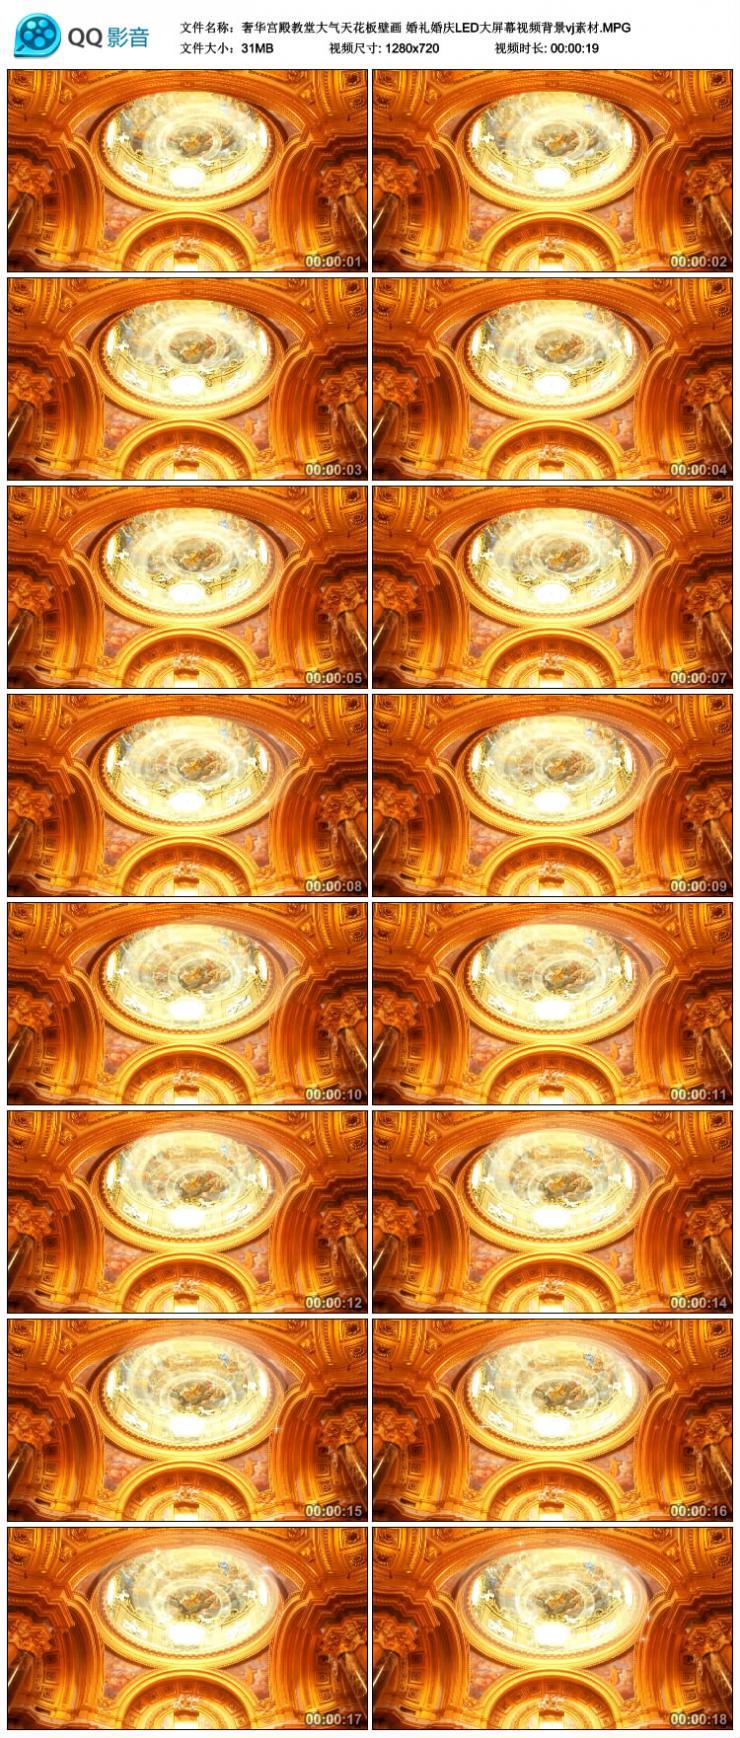 奢华宫殿教堂大气天花板壁画 婚礼婚庆LED大屏幕视频背景